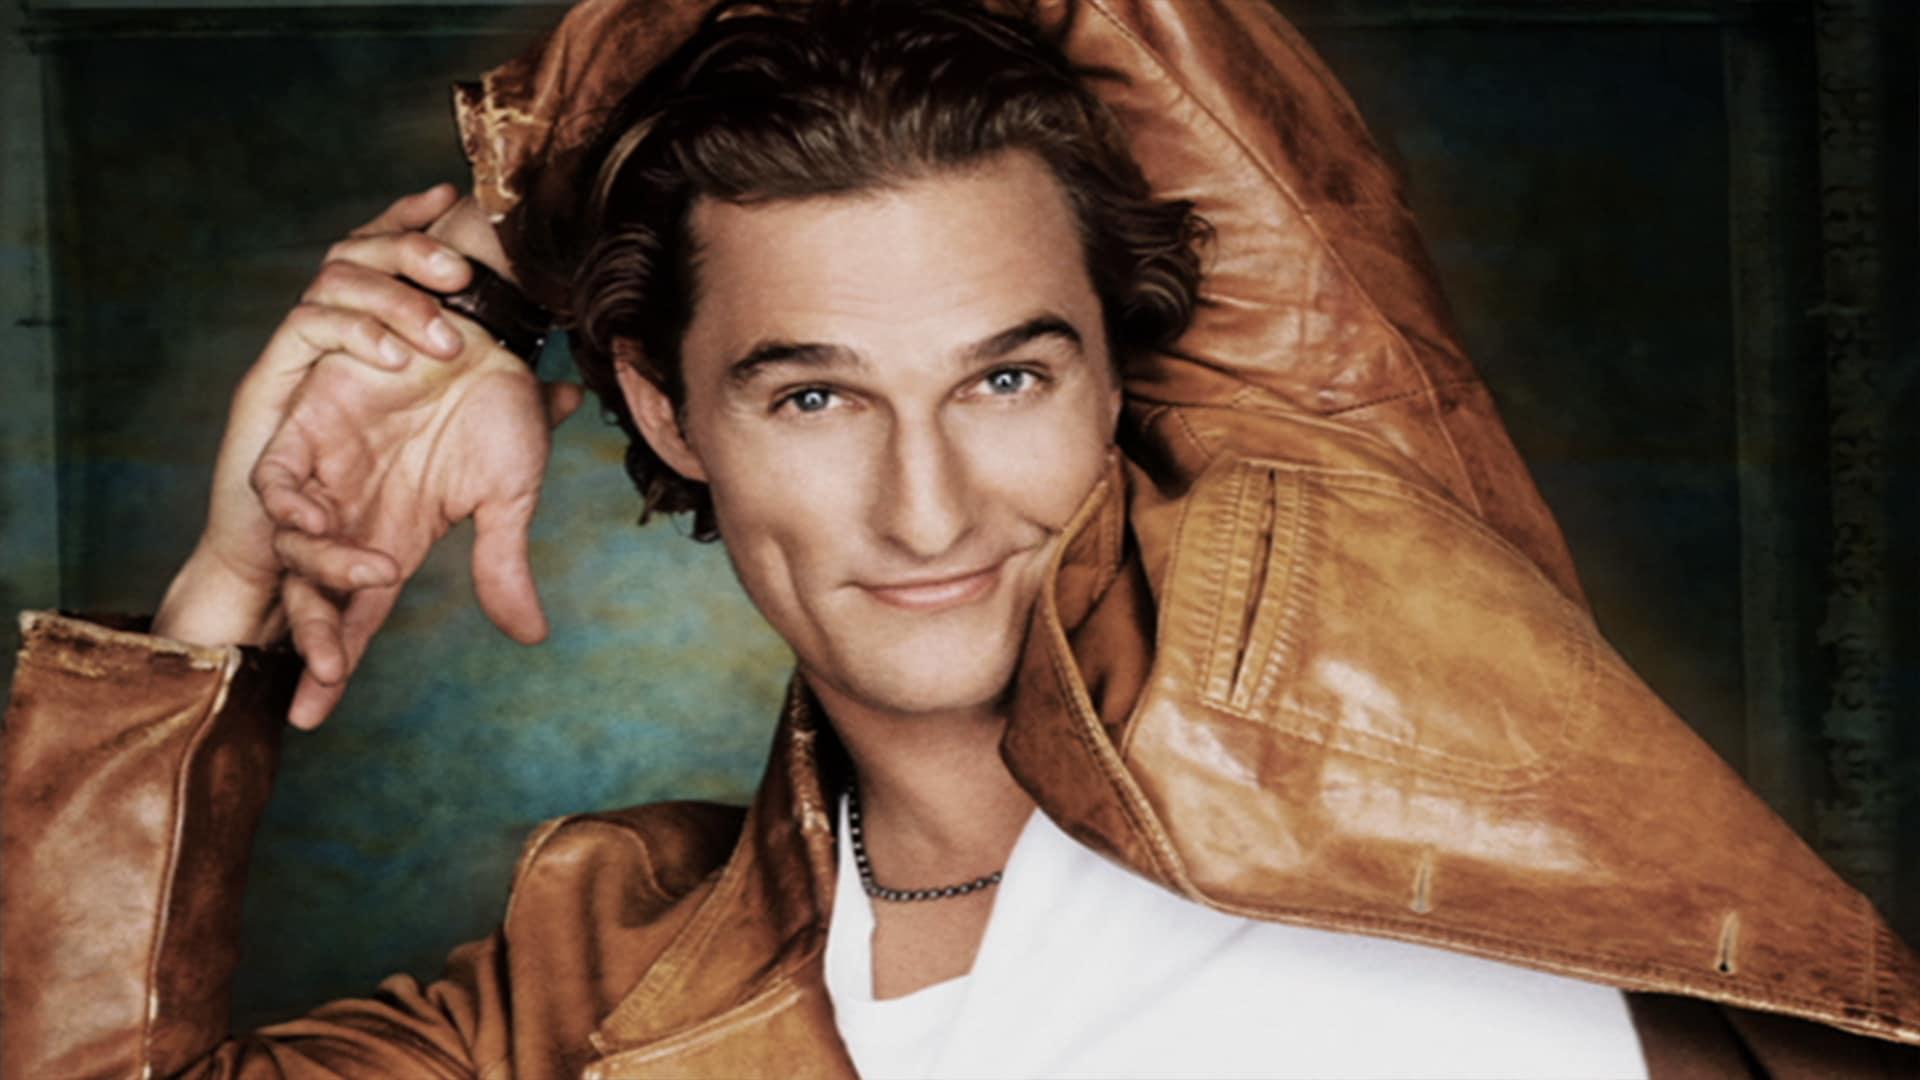 Matthew McConaughey: February 8, 2003